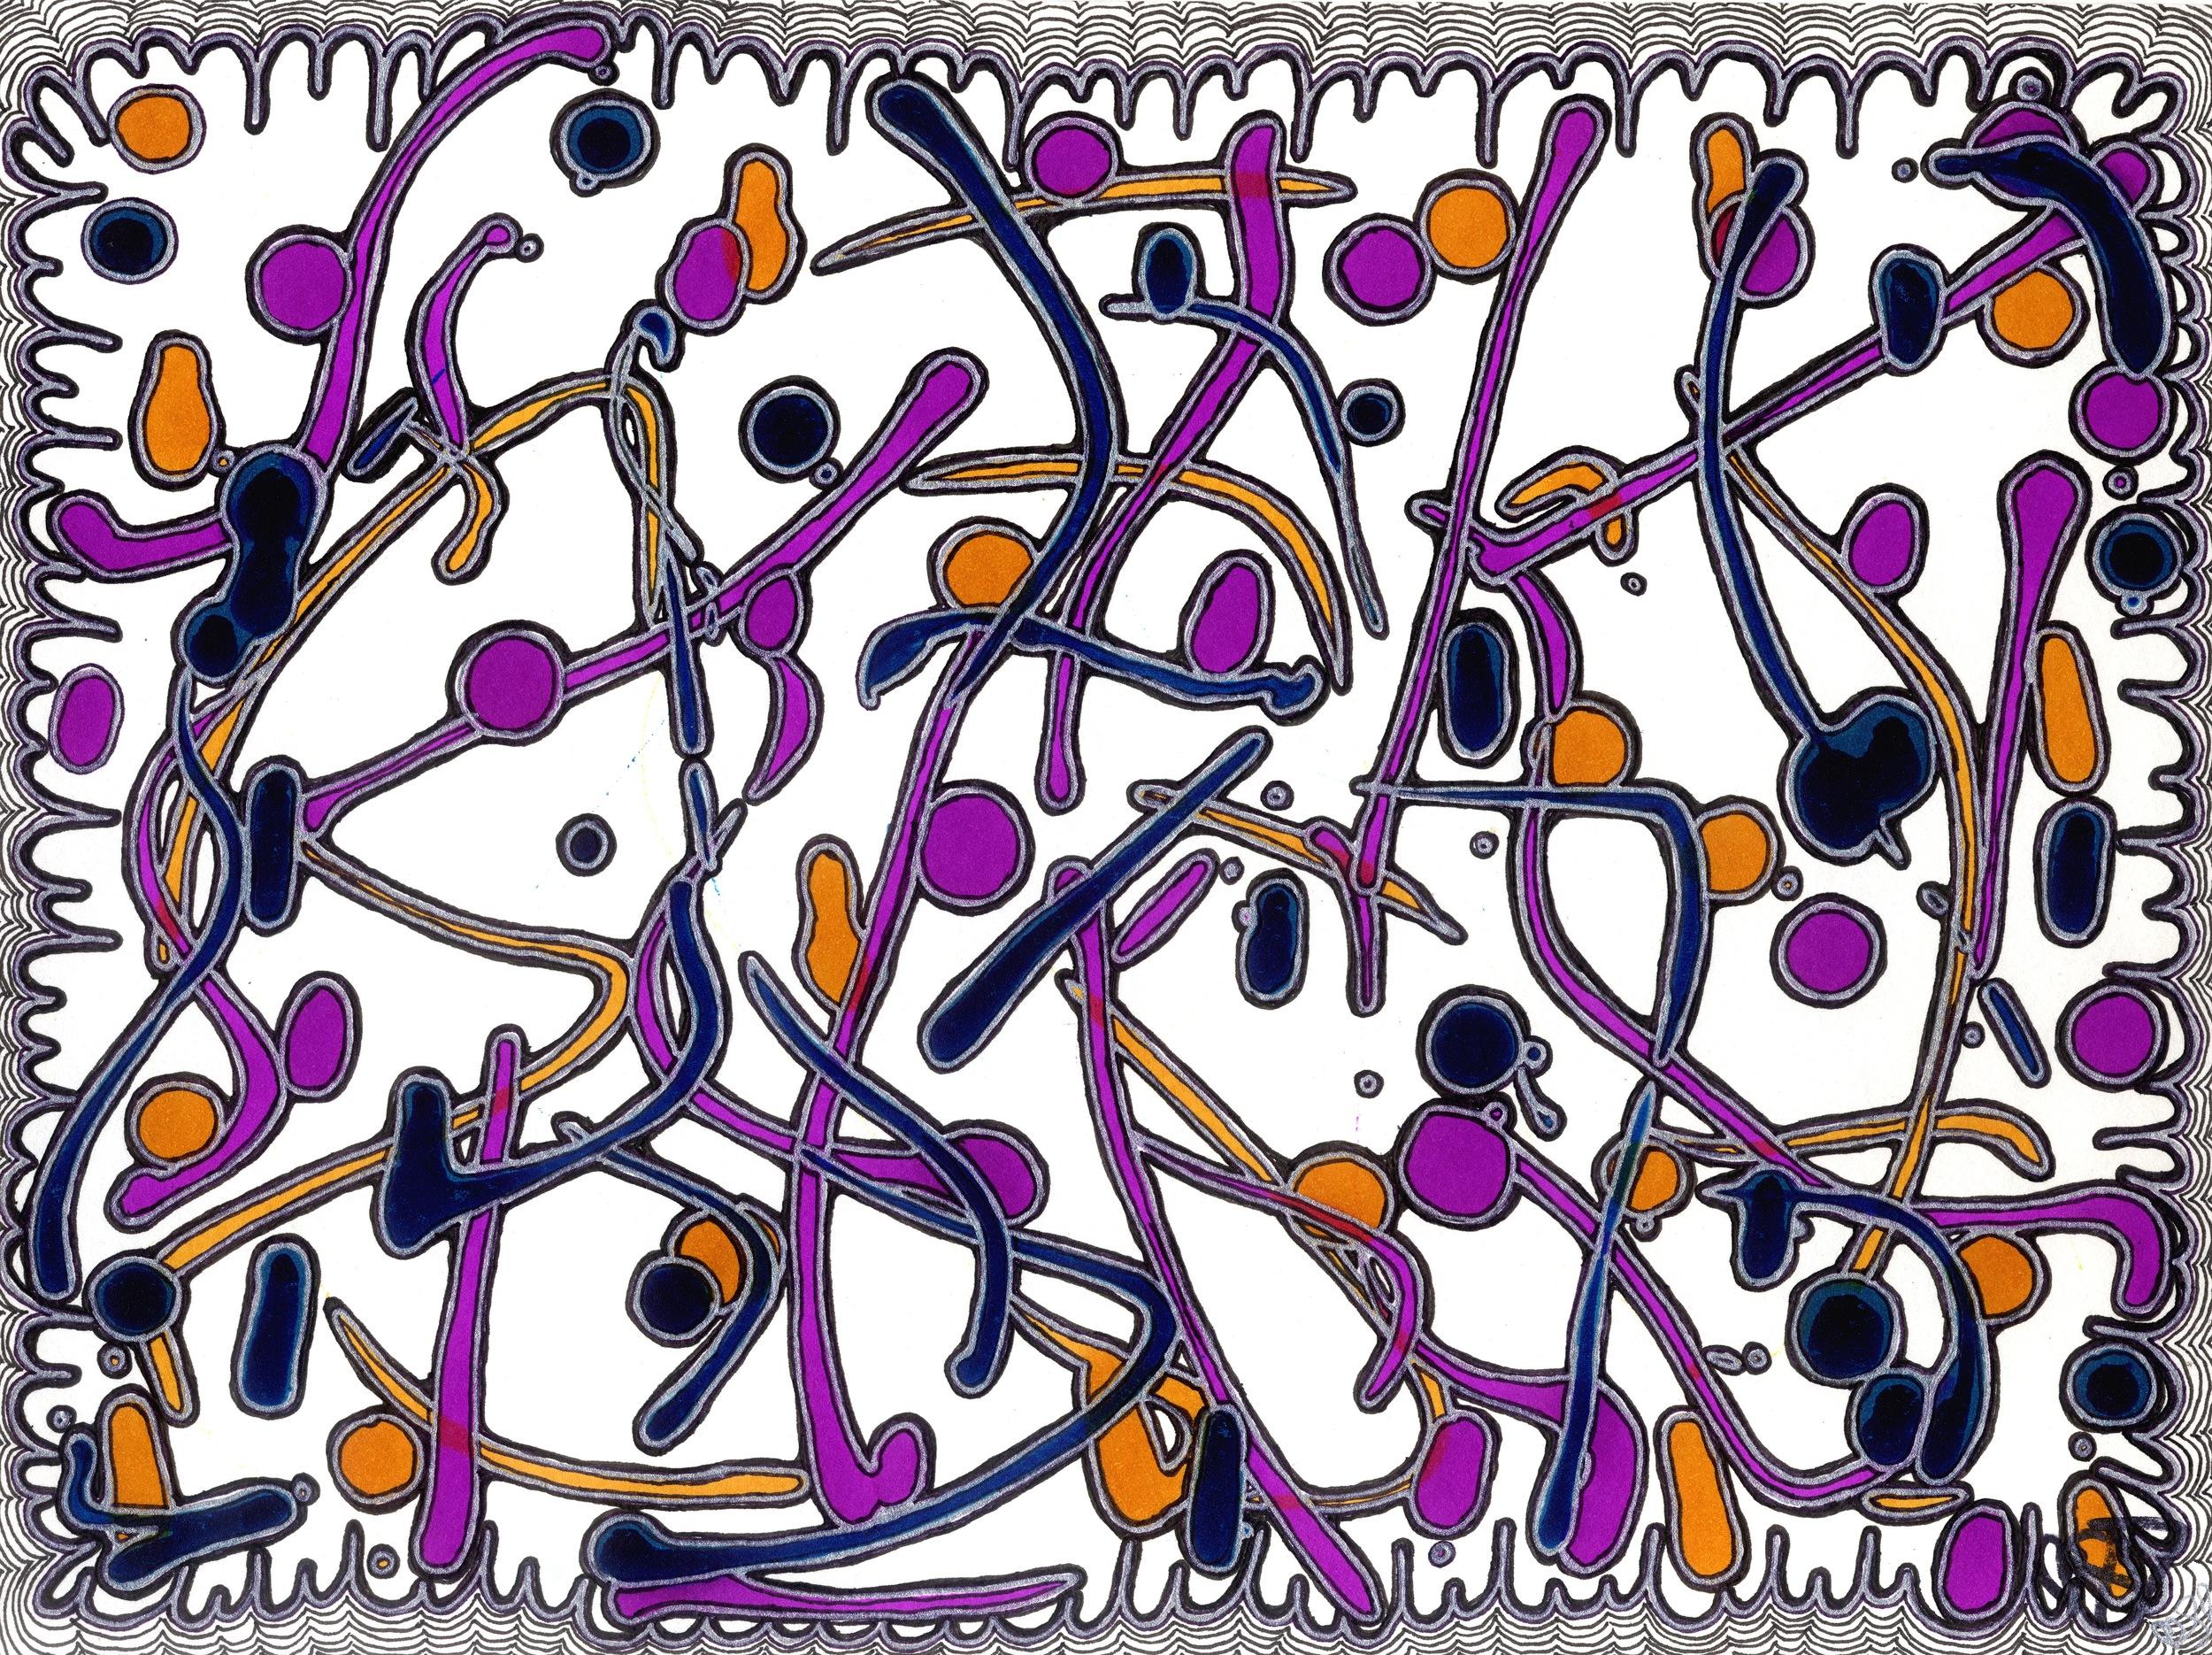 1011_Cellular Caminos.jpg